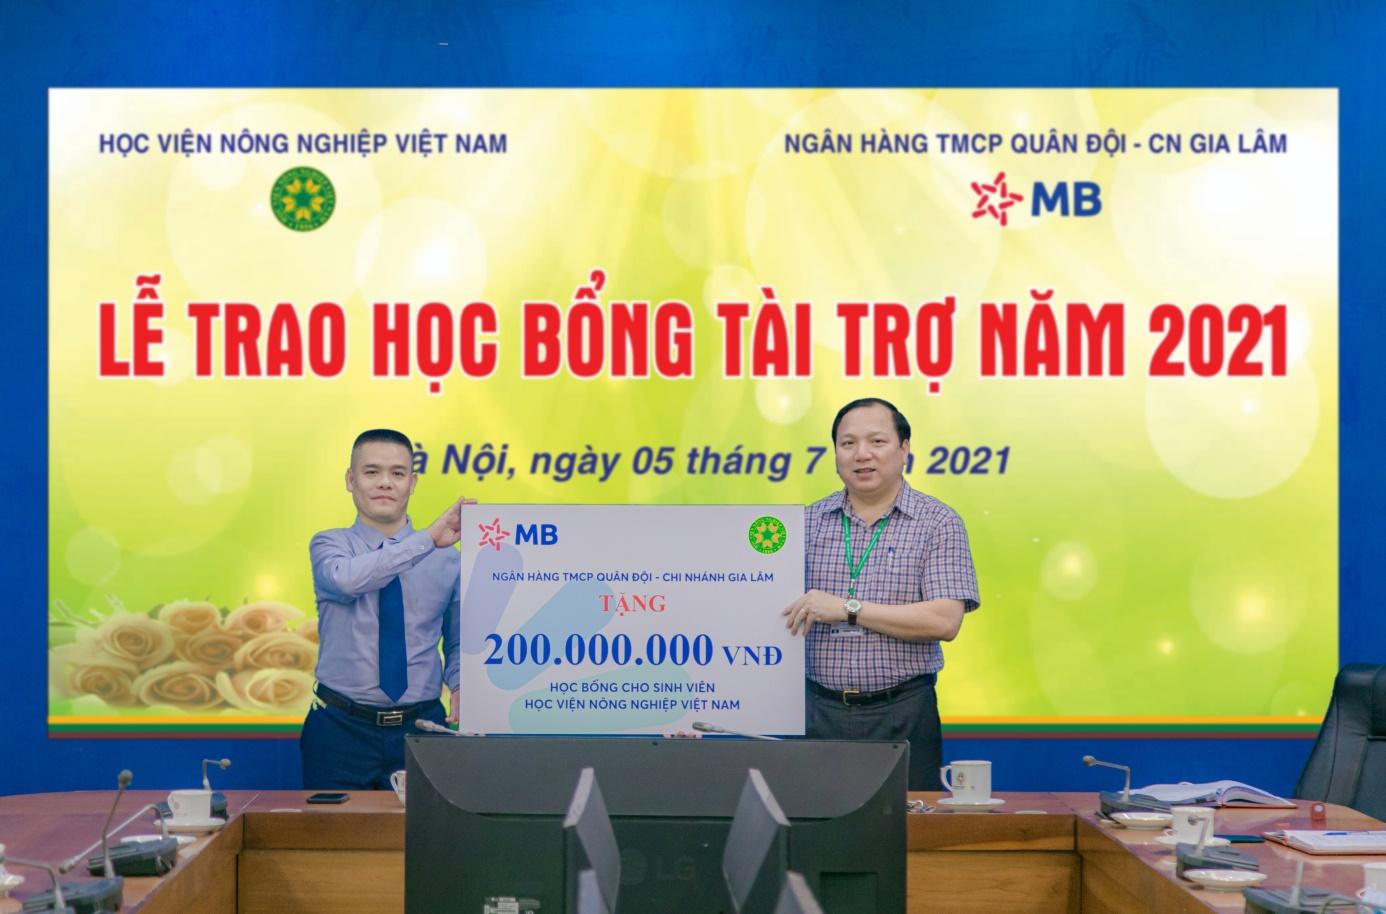 MB 200 triệu đồng học bổng cho Học viện Nông nghiệp Việt Nam - Ảnh 3.